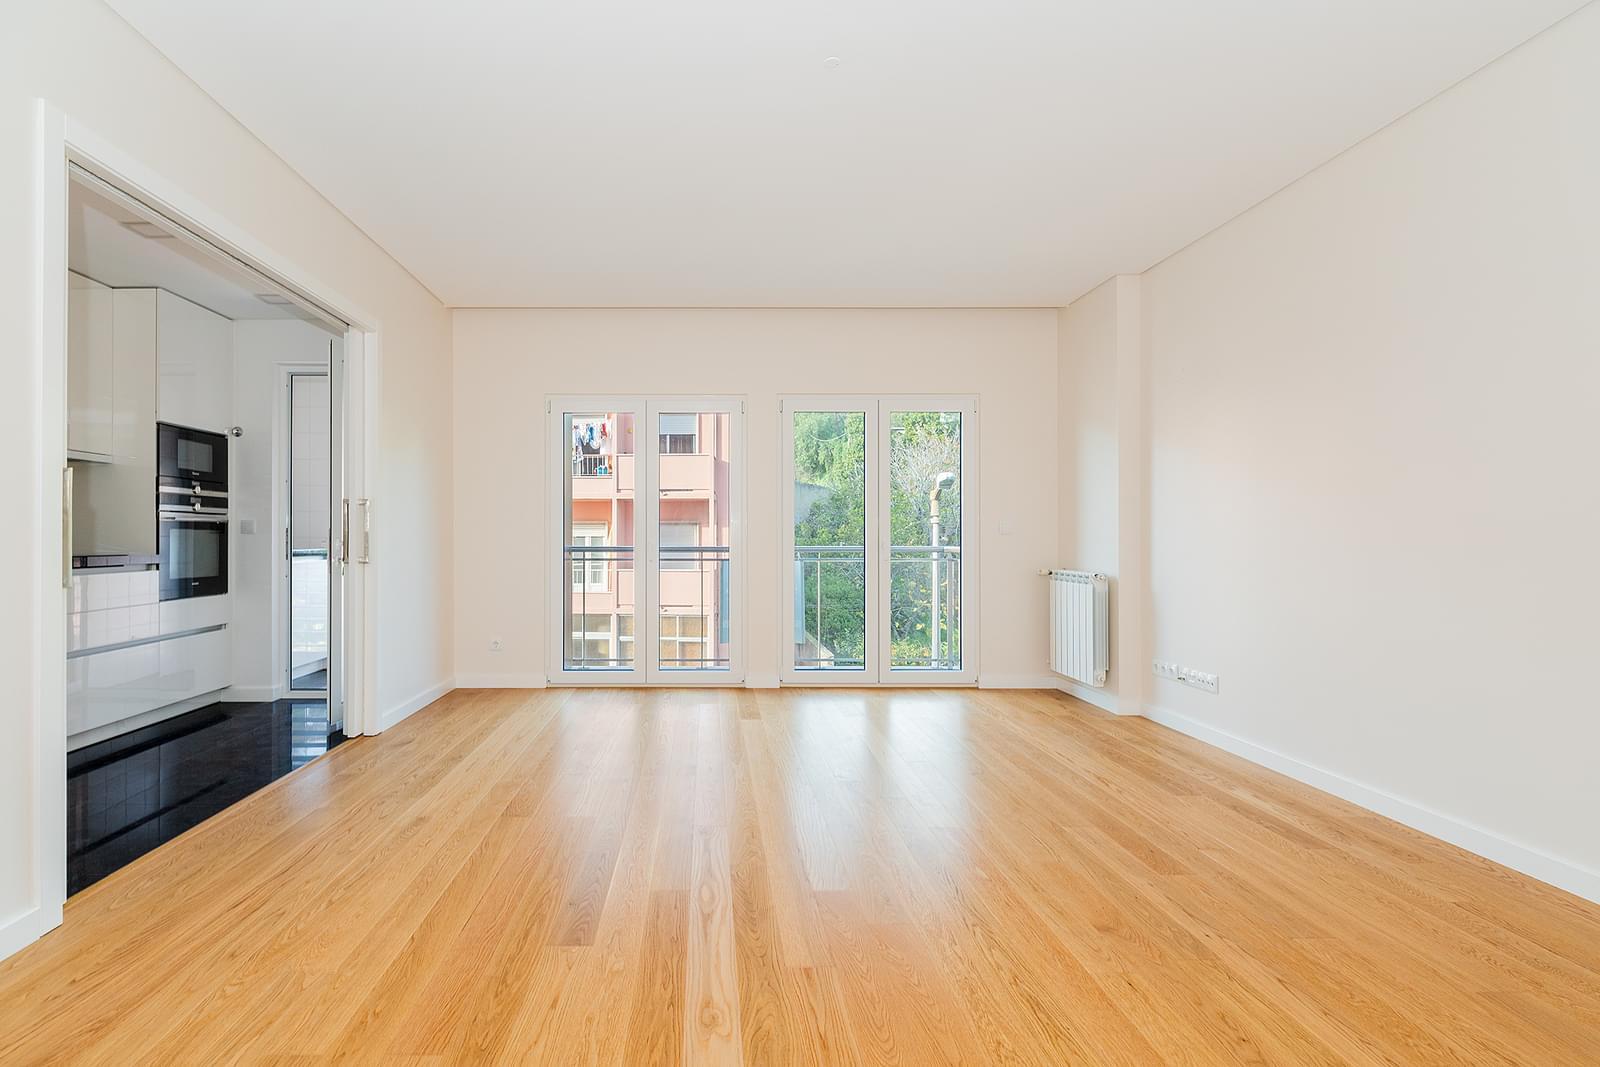 pf18846-apartamento-t2-lisboa-01795d05-b583-4563-8e1c-766de5c4e467